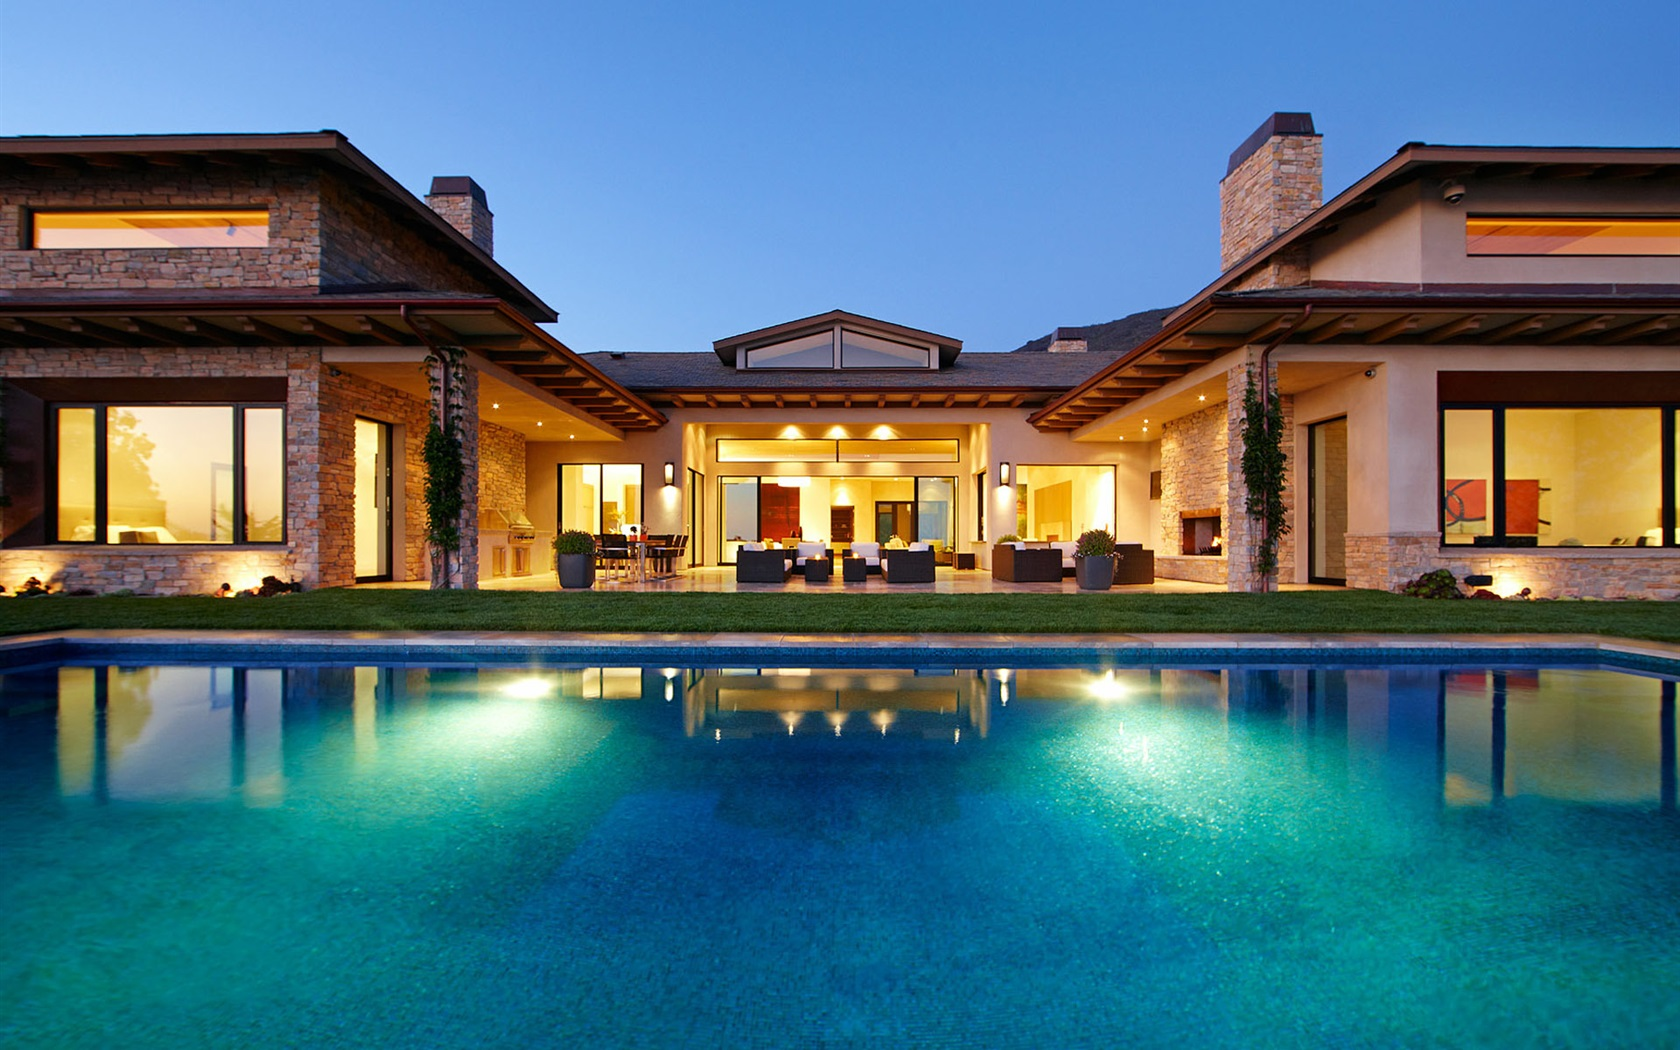 Noche hogar casa villa luces piscina sillas sof s for Alberca cristal londres